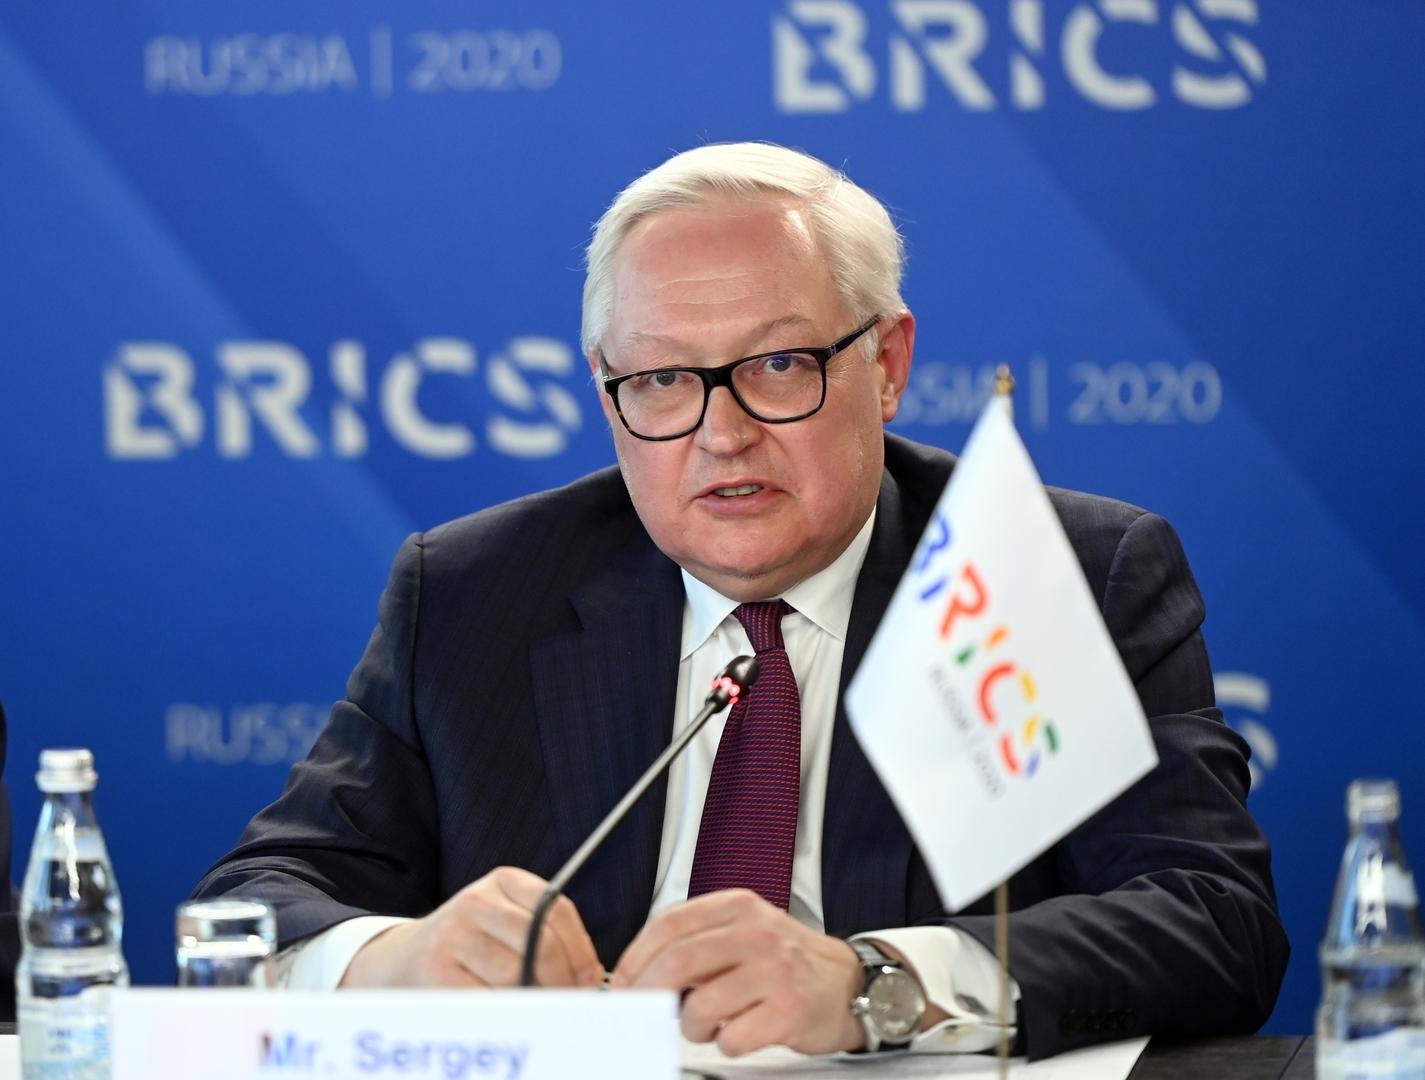 وزارة الخارجية الروسية تتحدث عن التعاون في مجال اللقاحات مع الهند والبرازيل